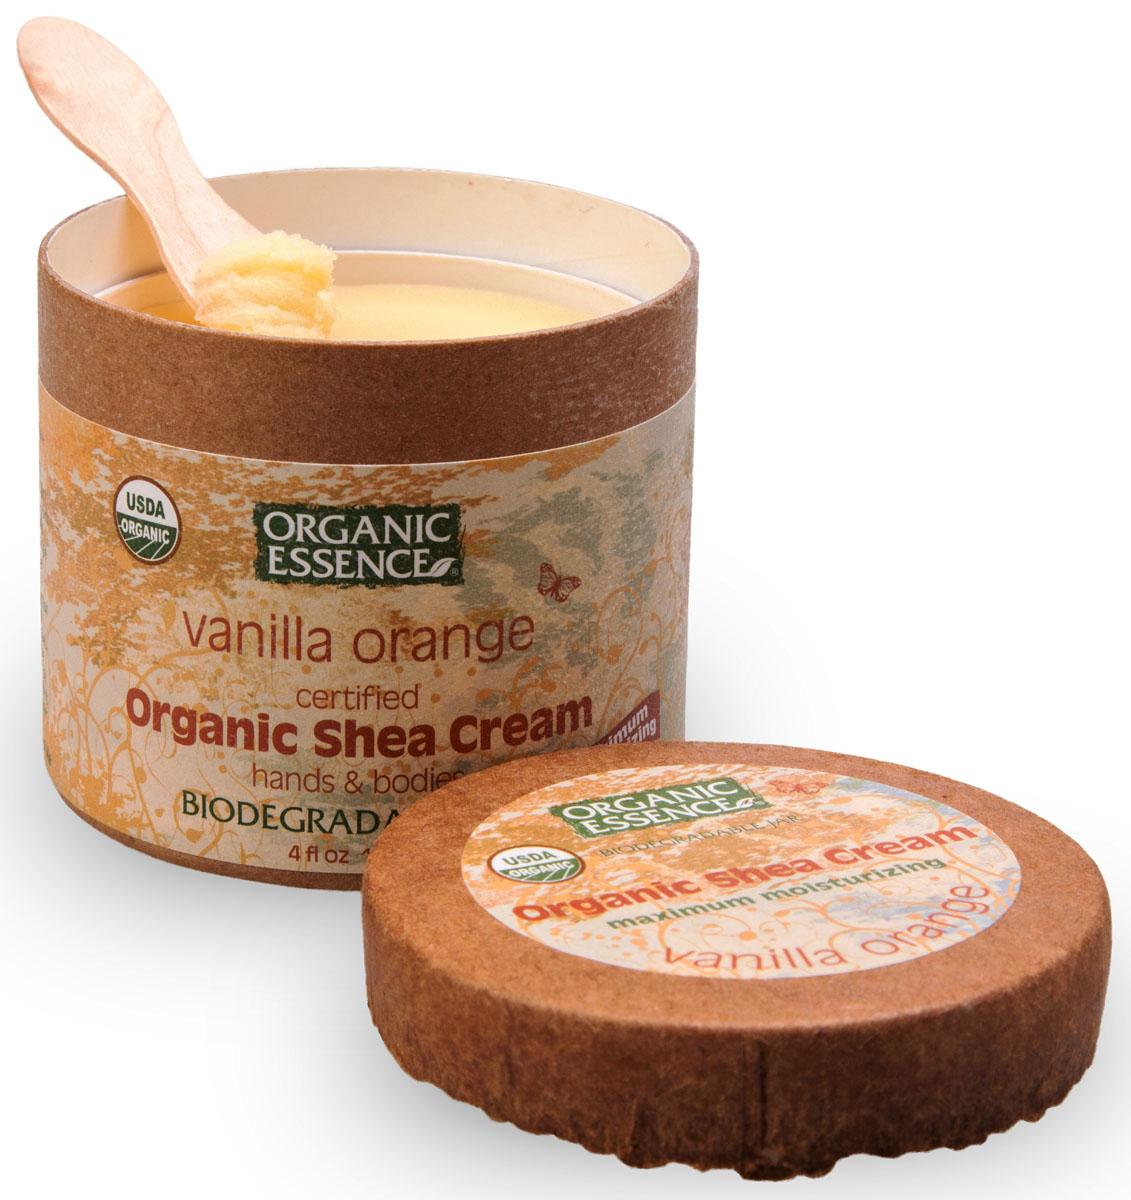 Organic Essence ������������ ���� �� (������), ������ � �������� 114 �/118 ��